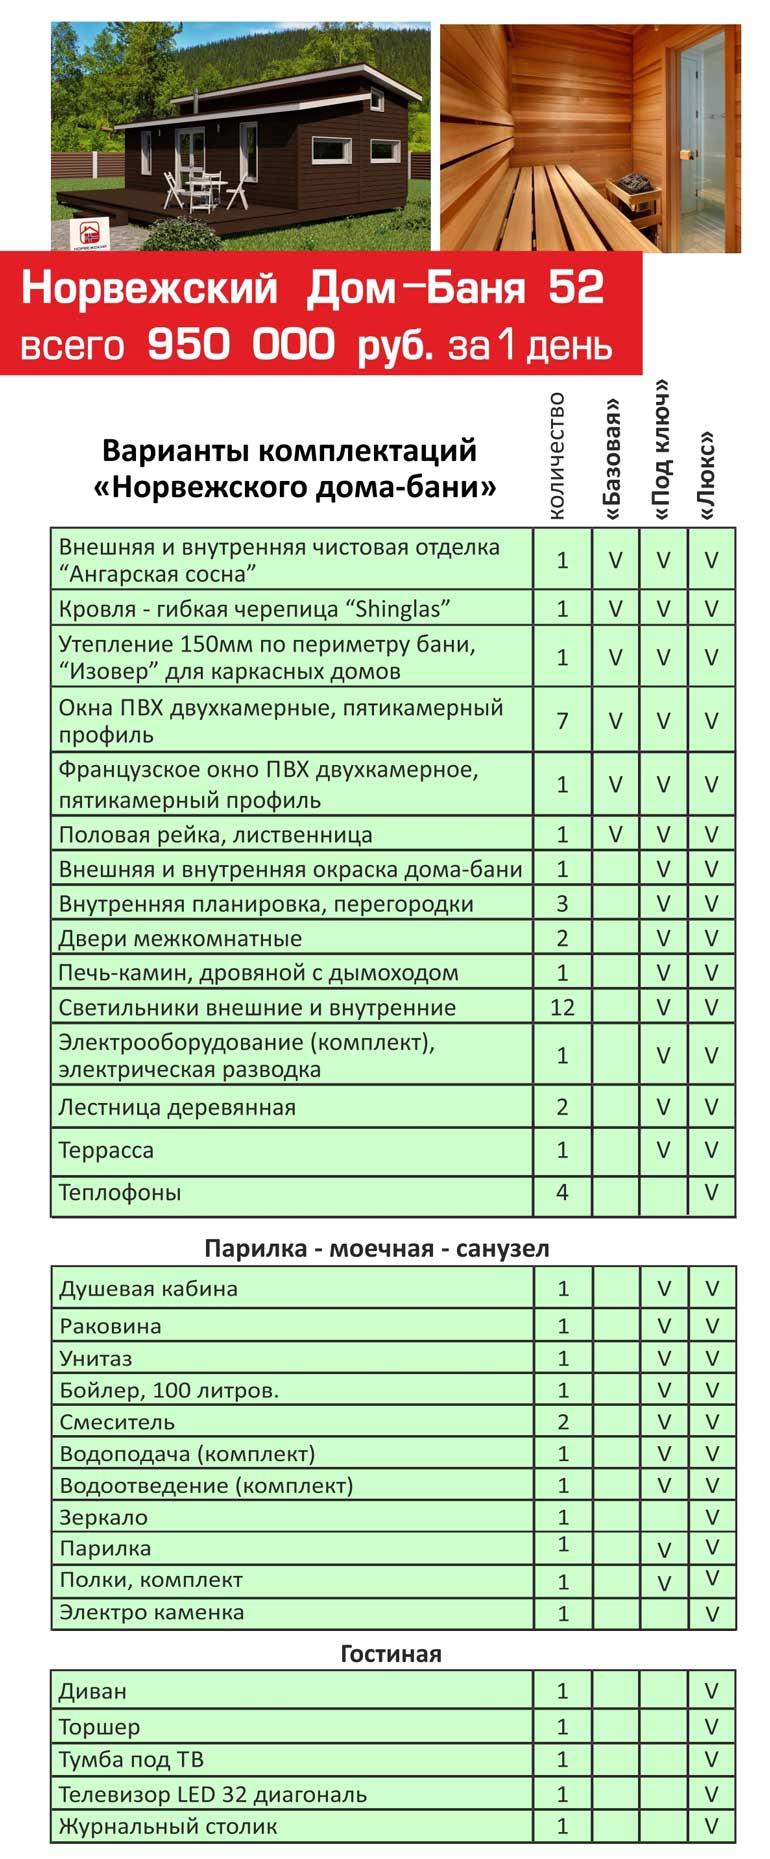 norvezhskiy-dom-banya-52-v-kurske